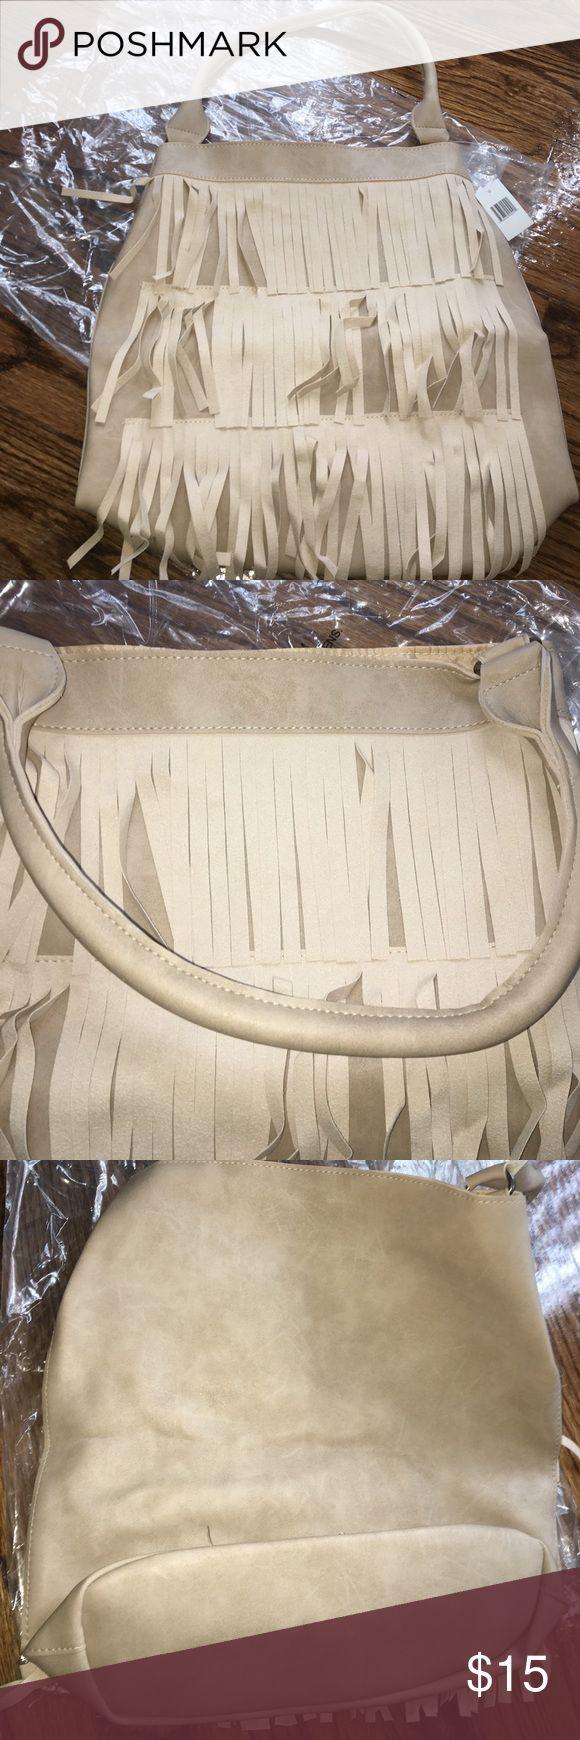 Cream purse Purse tassels Bags